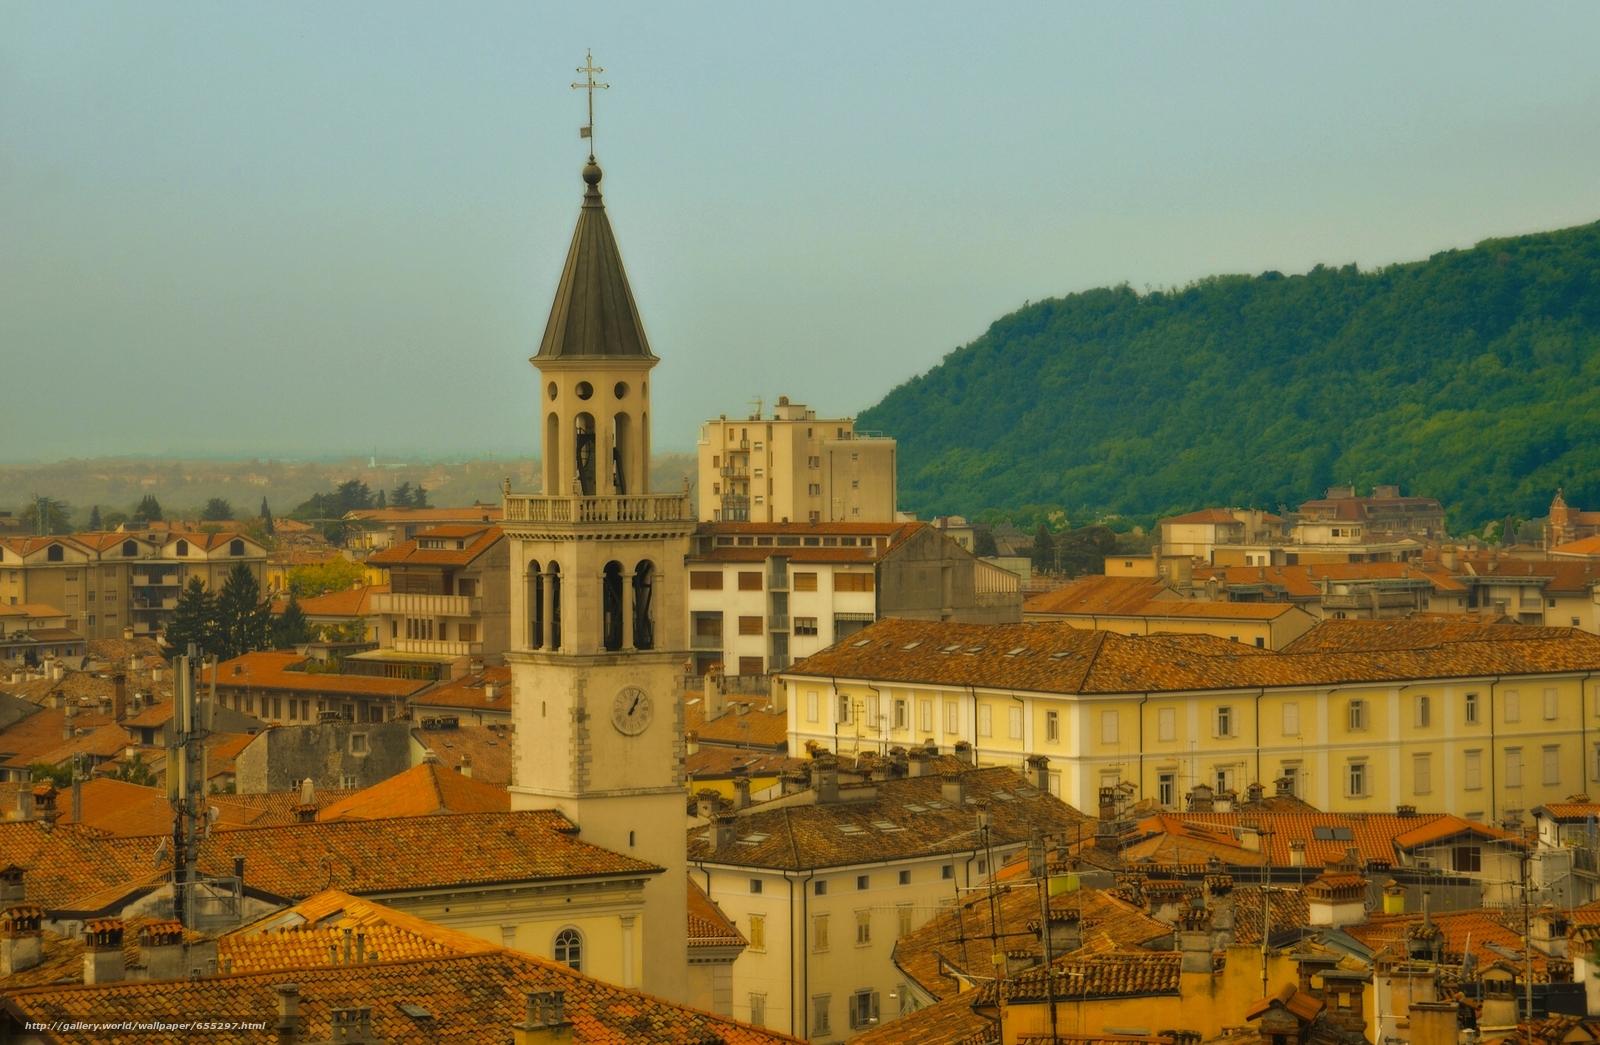 Gorizia, Friuli Venezia Giulia, Italy, Gorizia, Friuli-Venezia Giulia, Italy, tower, home, building, Roof